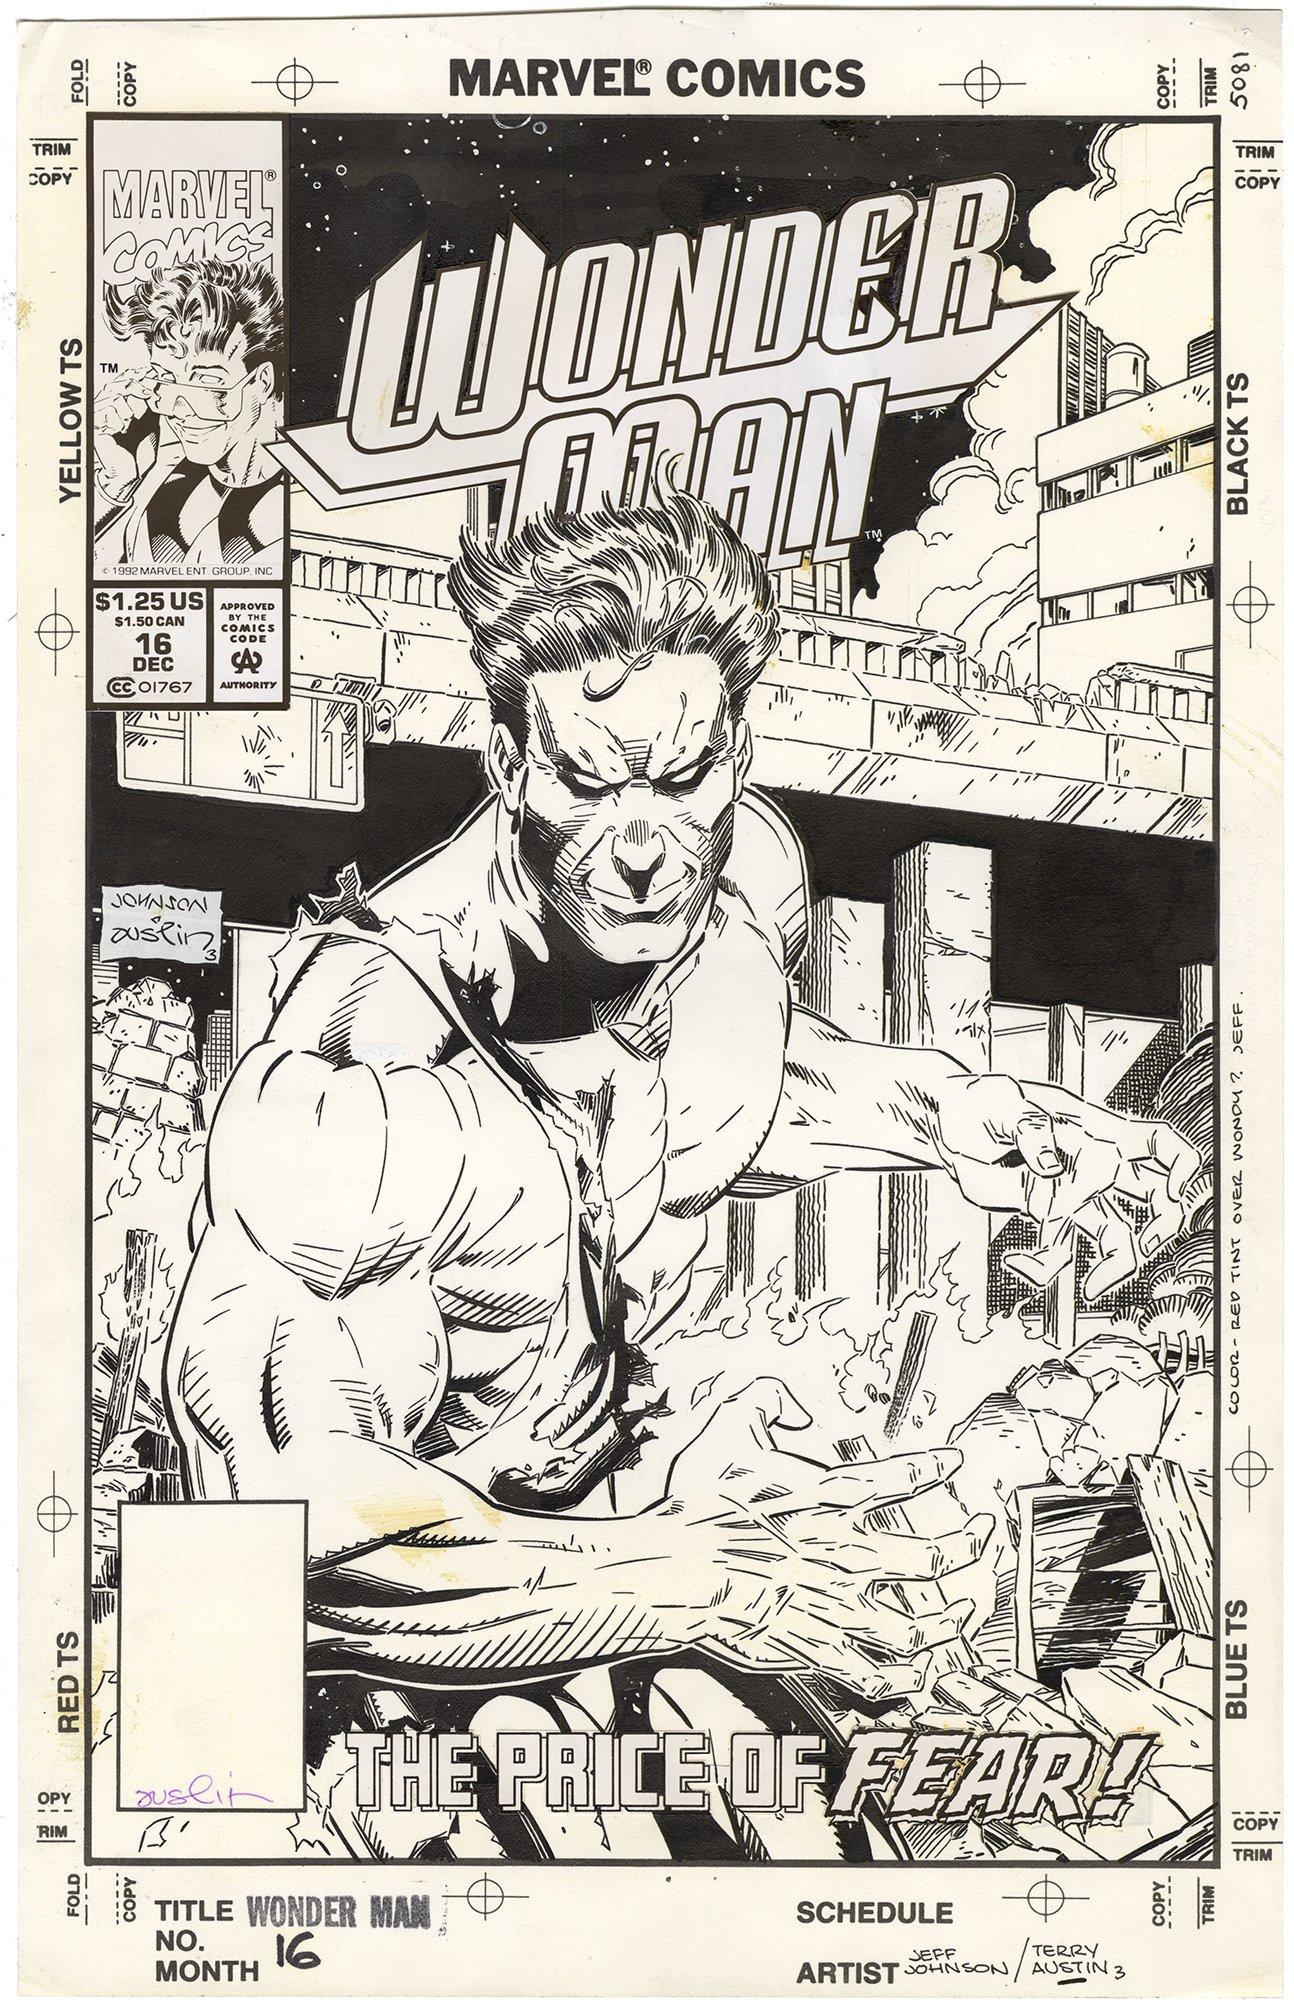 Wonder Man #16 Cover